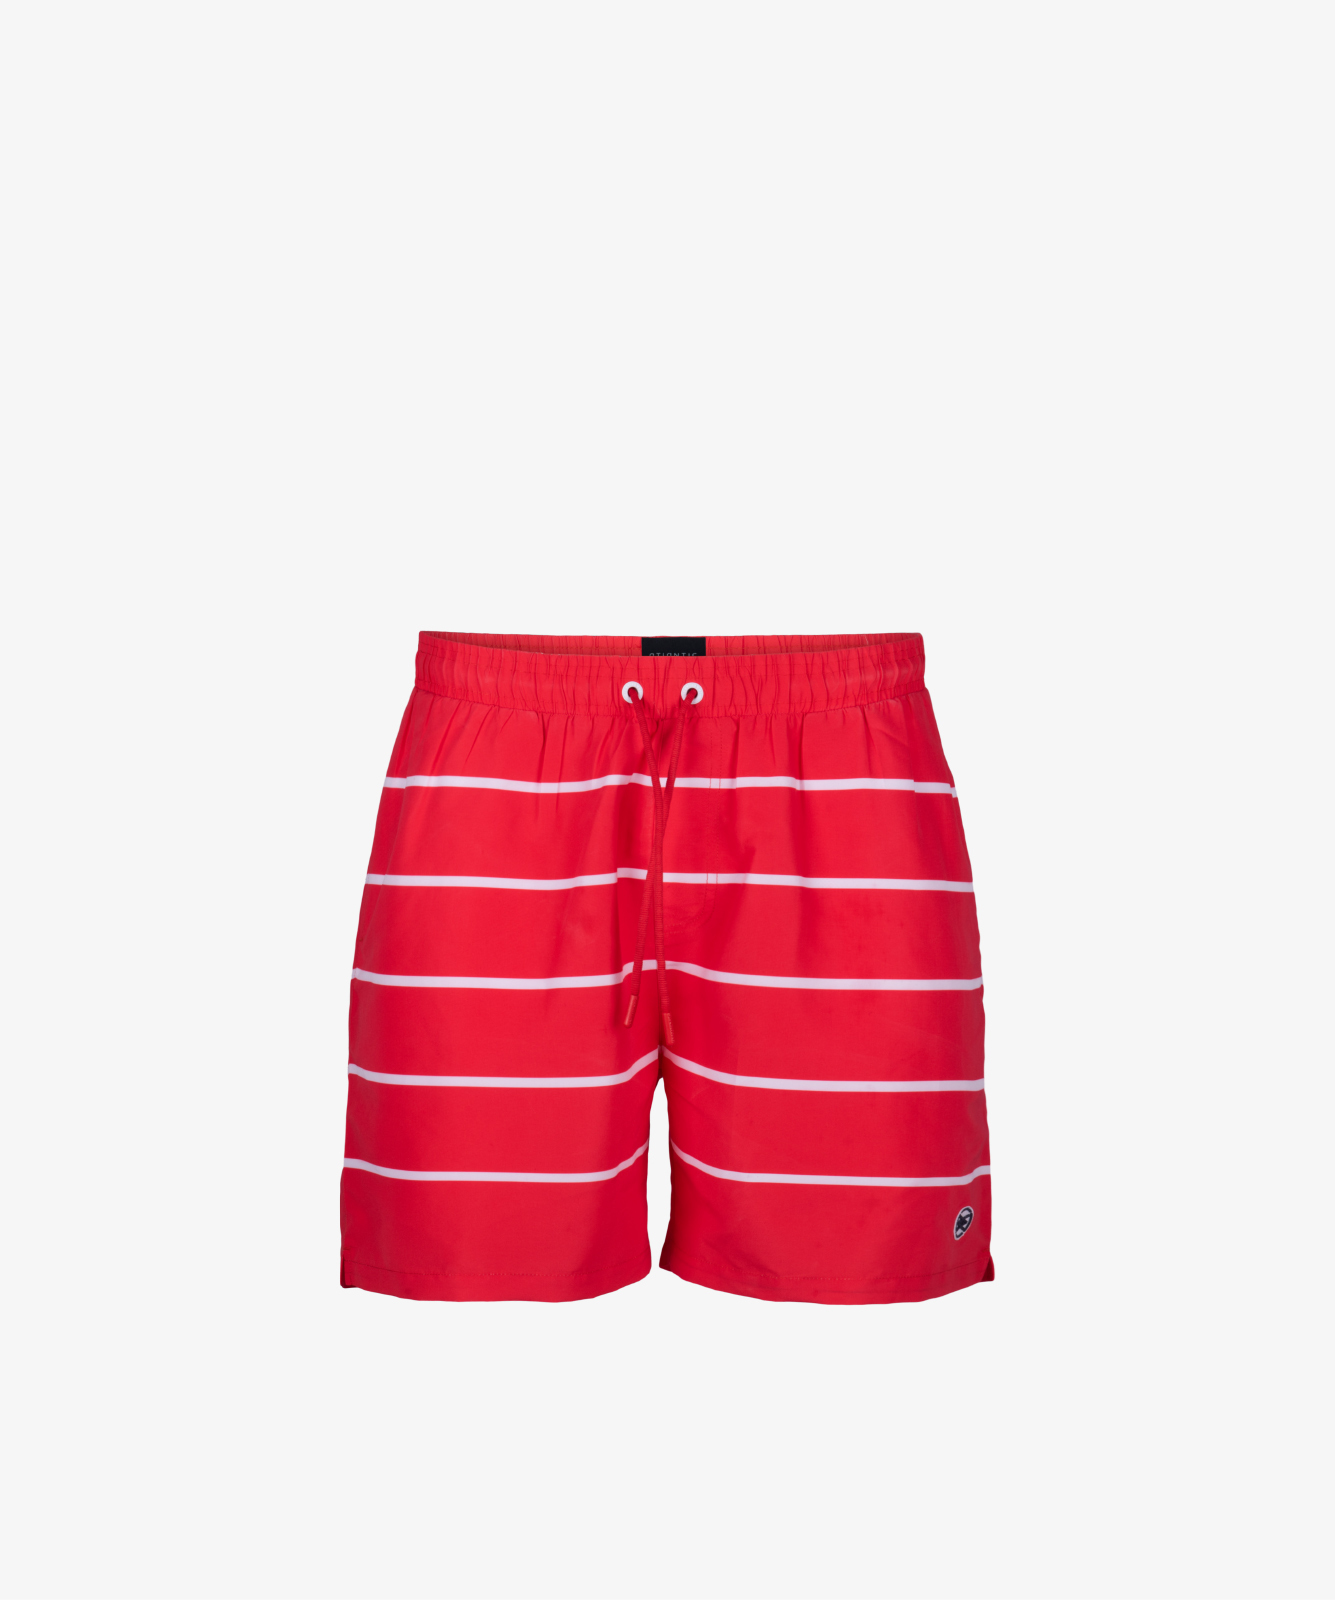 Пляжные шорты мужские Atlantic, 1 шт. в уп., полиэстер, красные, KMB-191